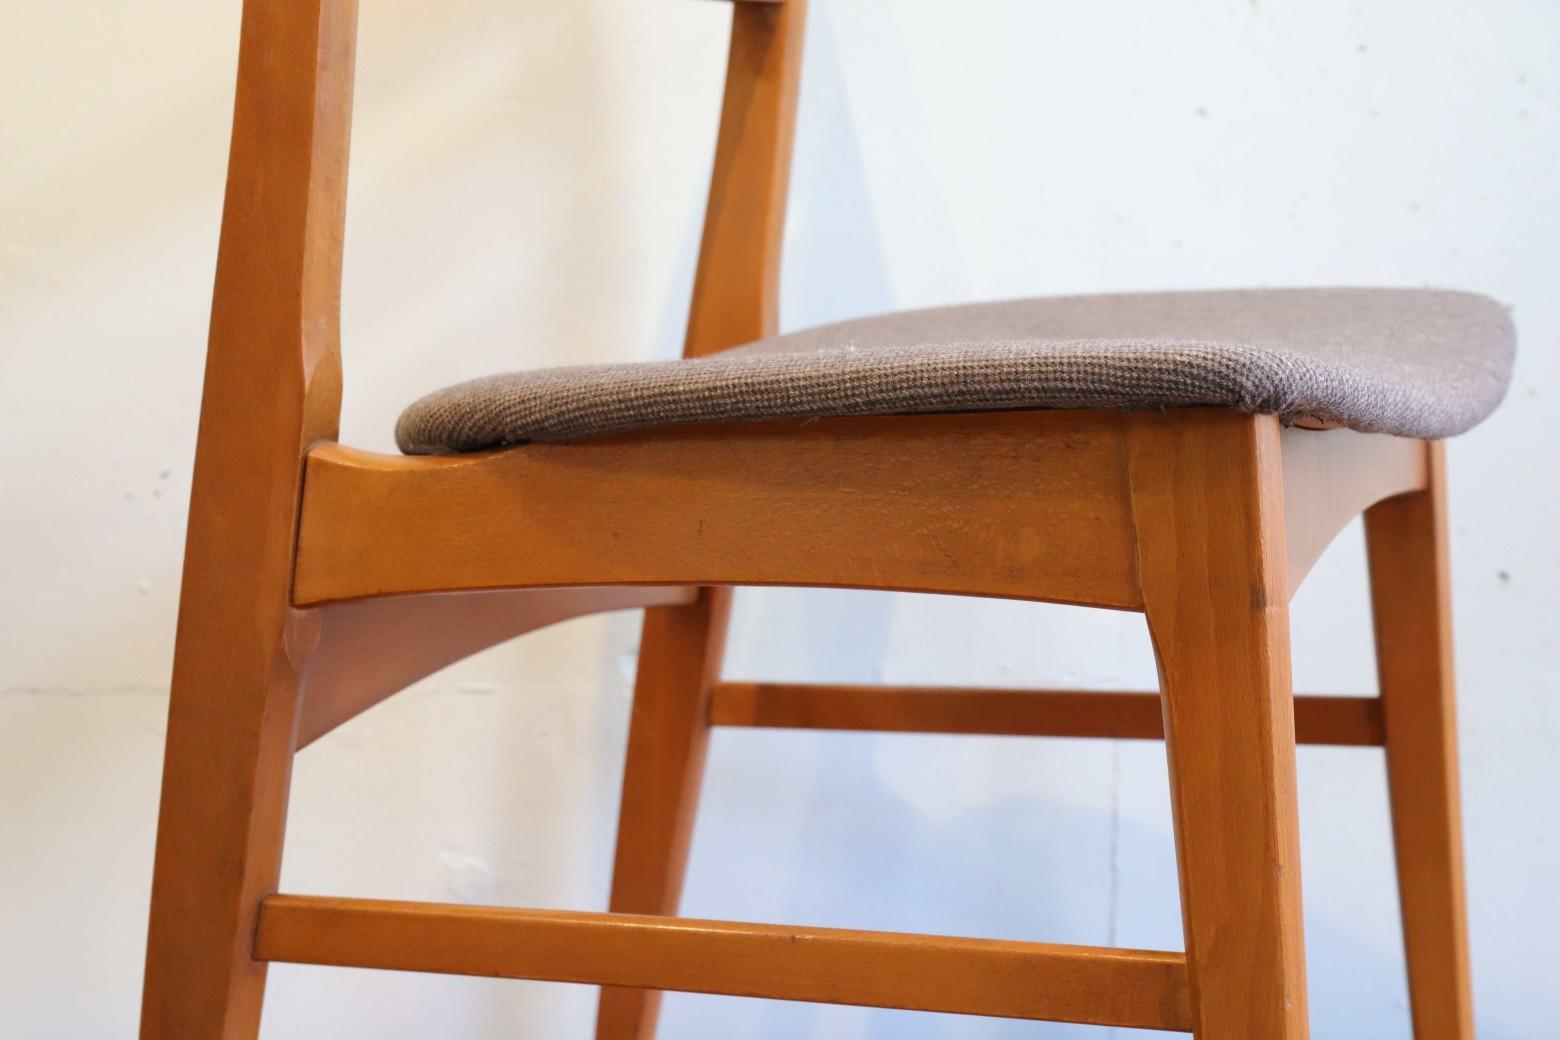 ダイニングチェア Faldsled & Mobelfabrik Dining Chair Made in Denmark 北欧家具/ デンマーク製 北欧家具